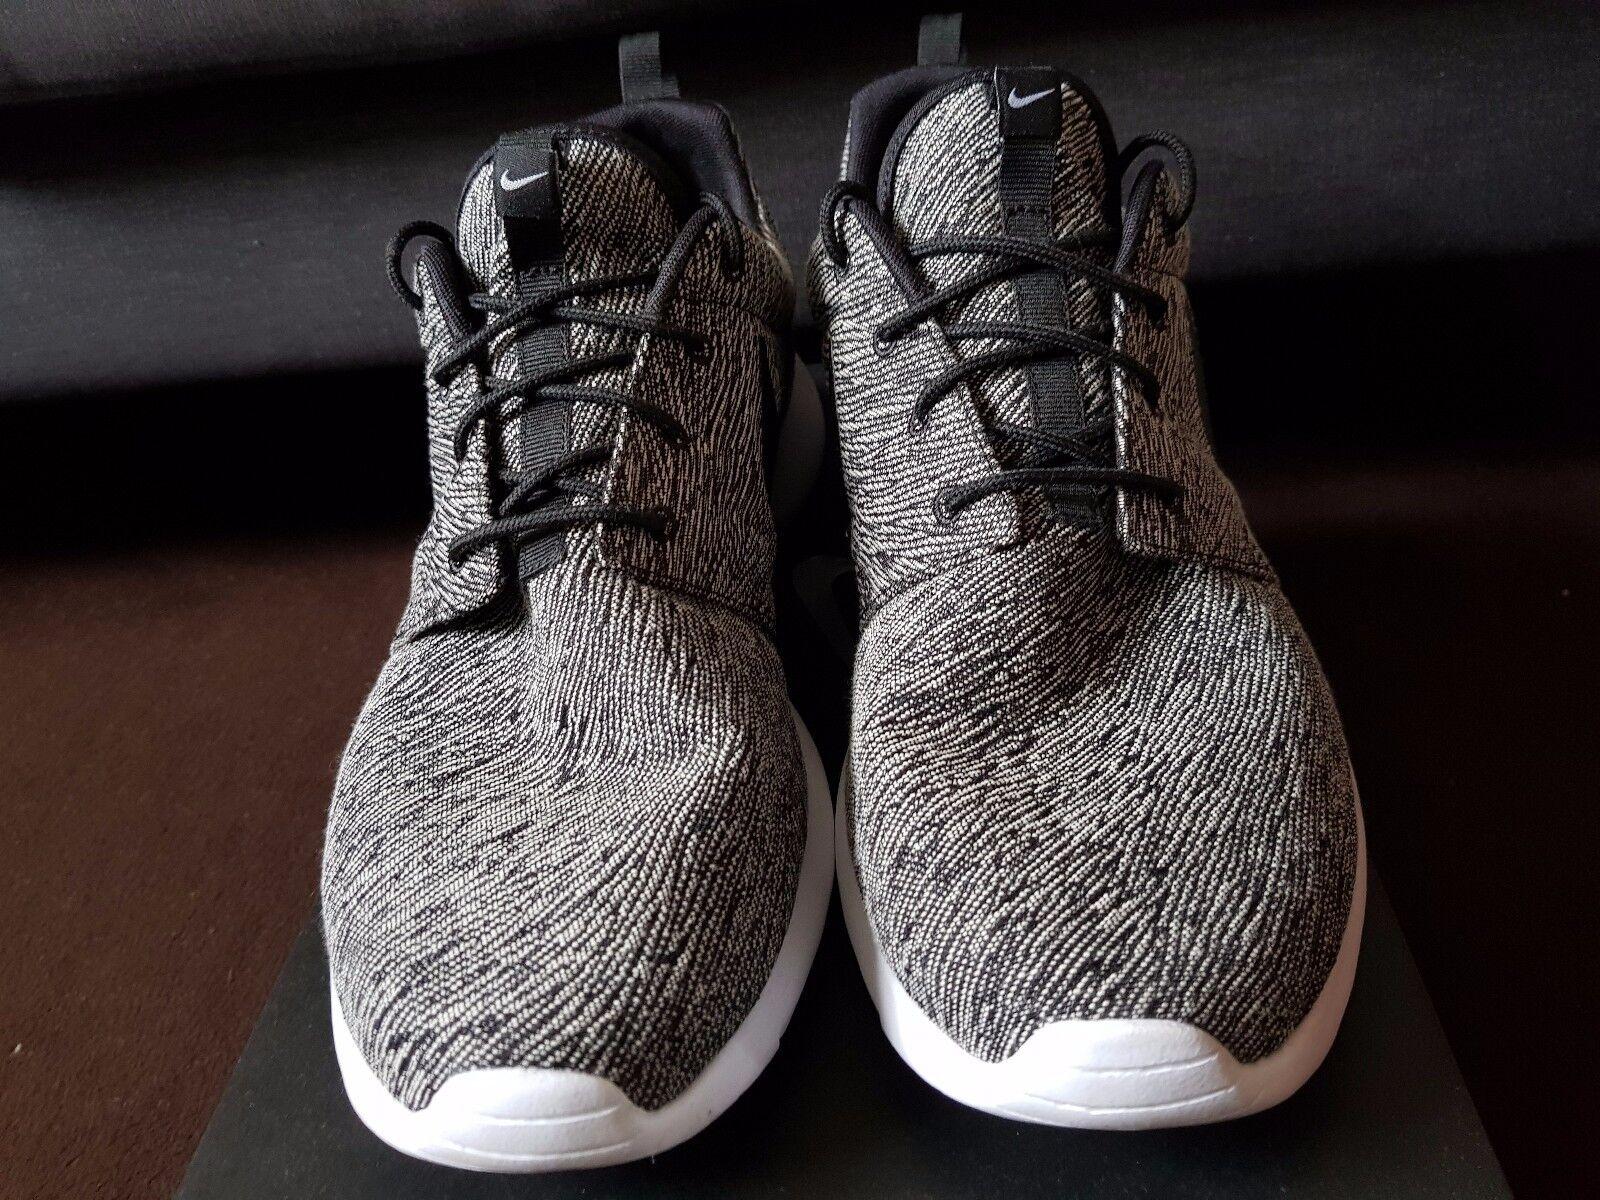 Nike One Roshe One Nike iD Herrenschuh Größe 47 9daee7